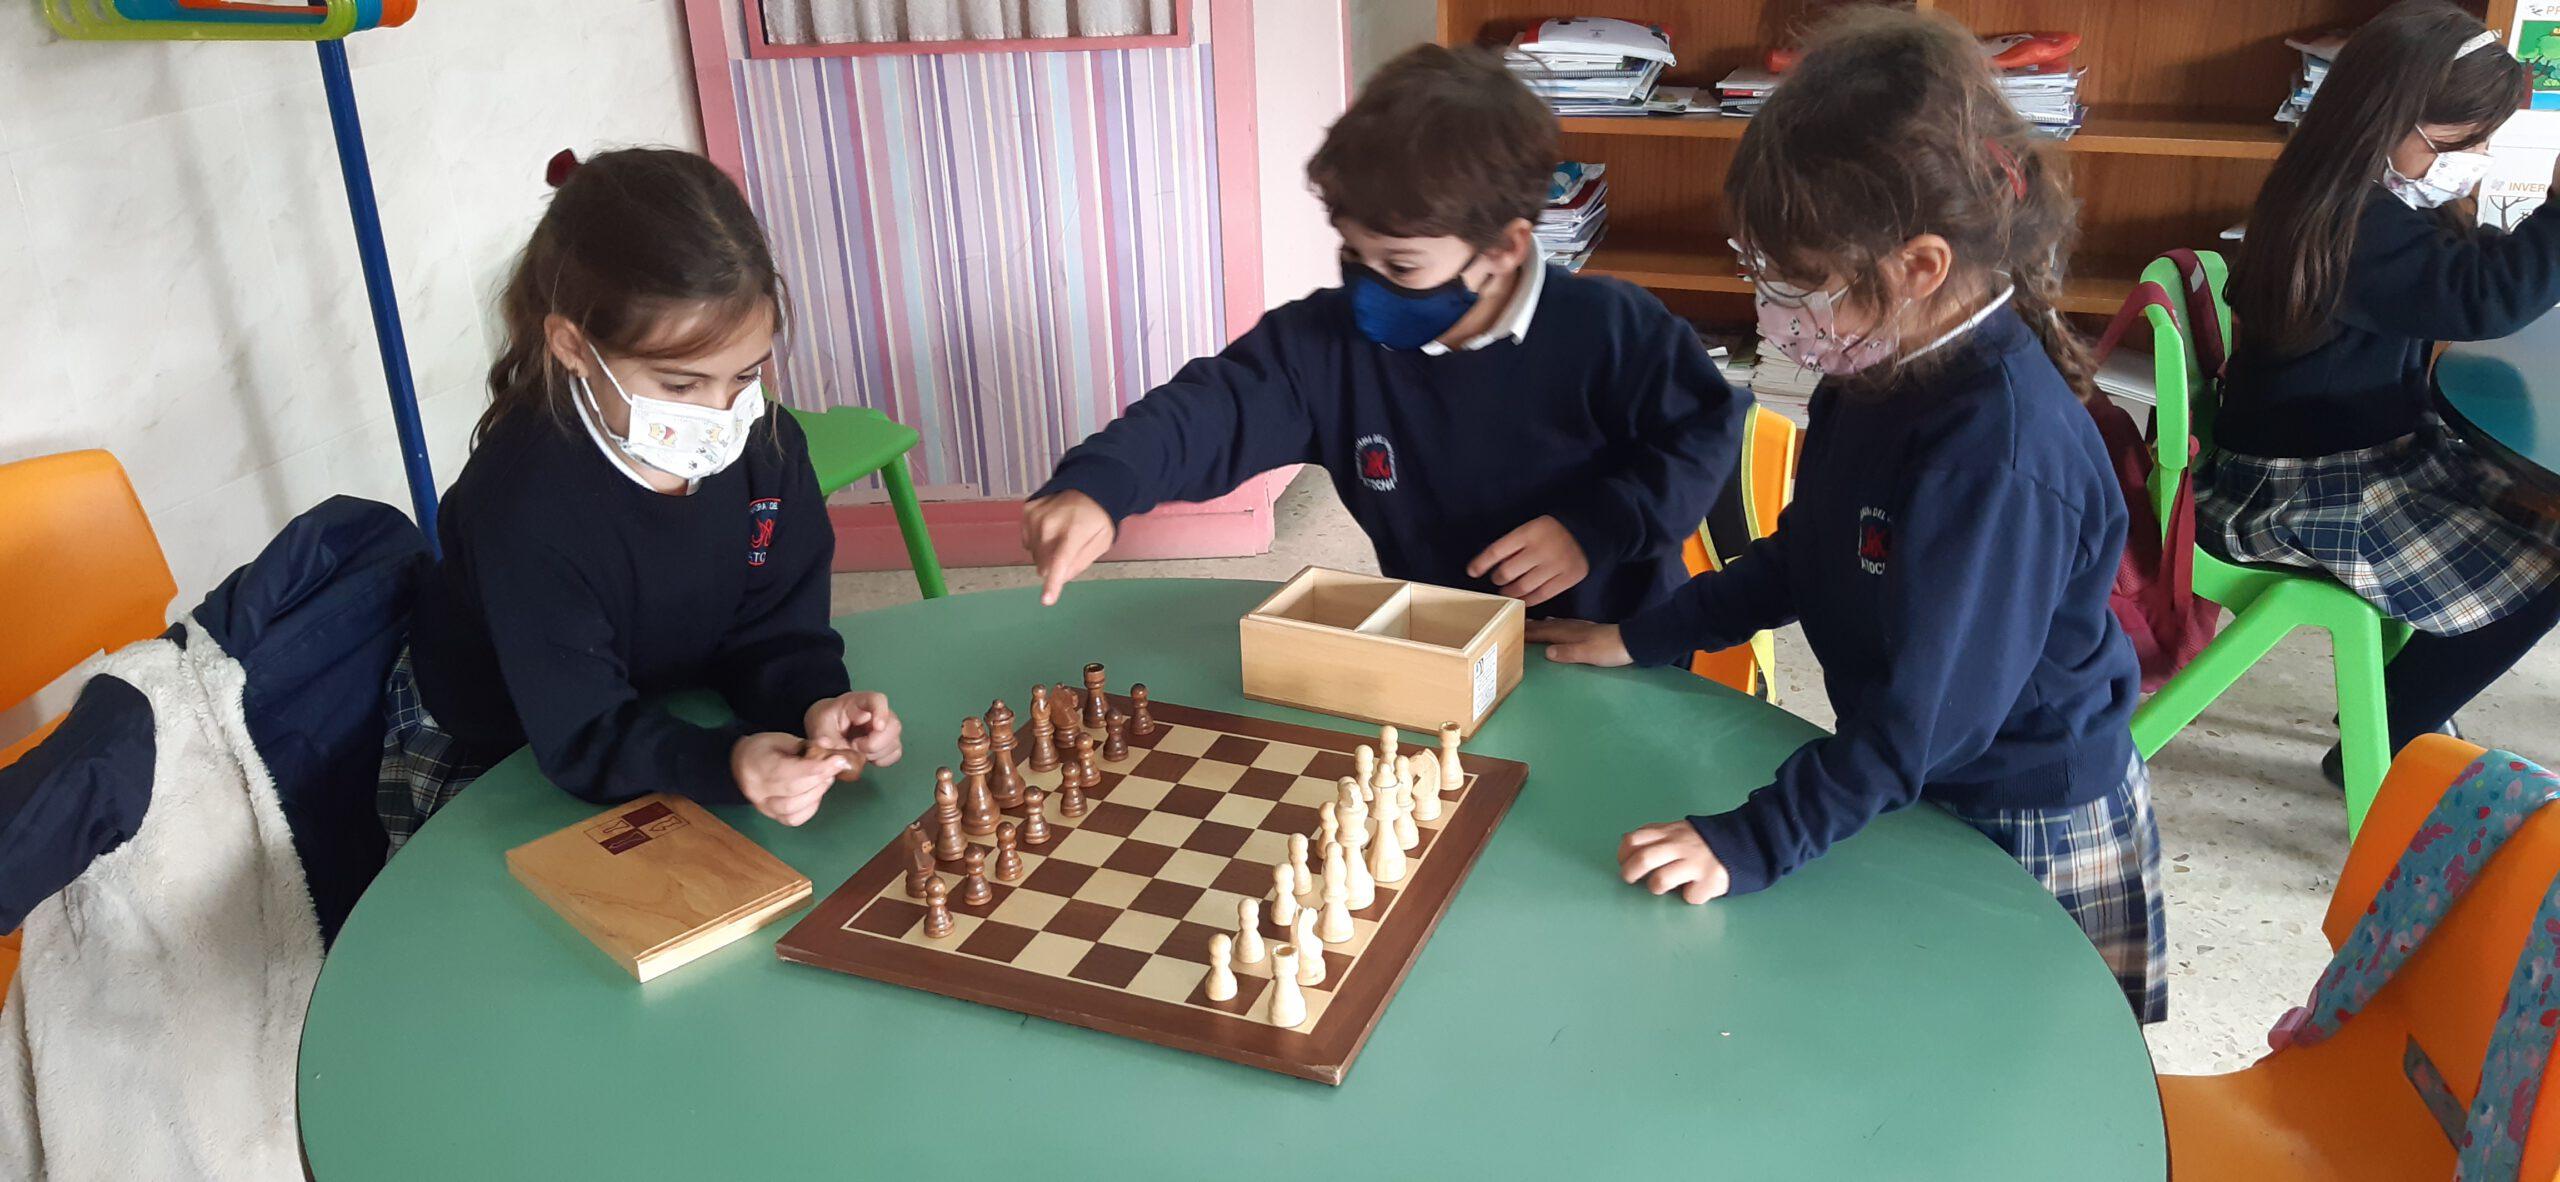 El ajedrez en el aula